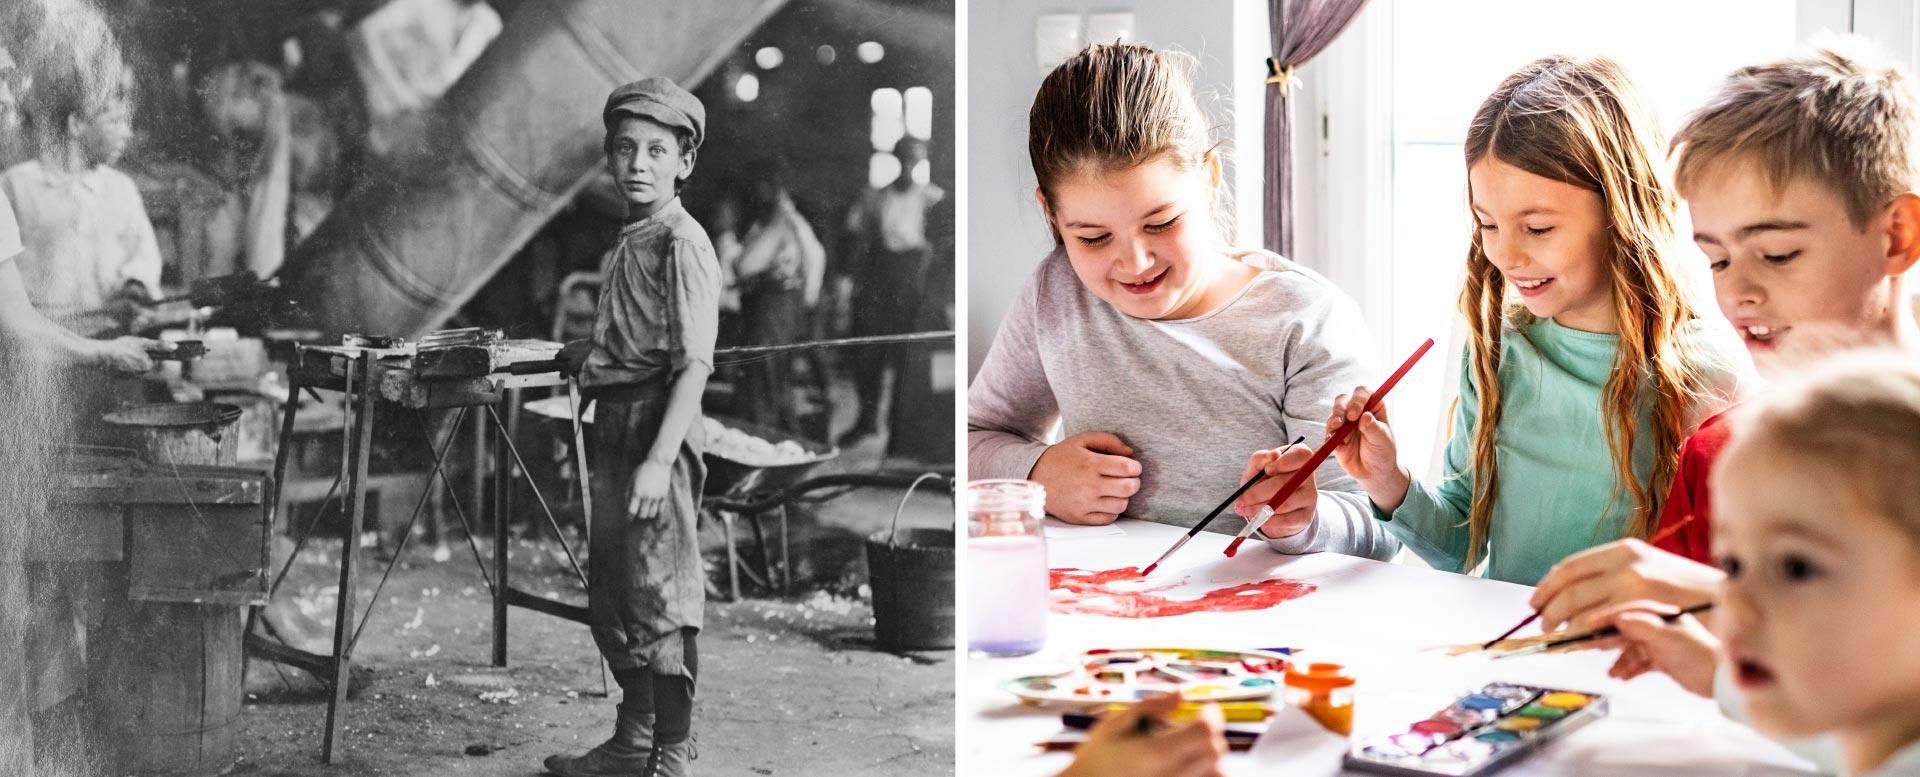 Arbeitskraft und keine Schule: Kinder um 1900